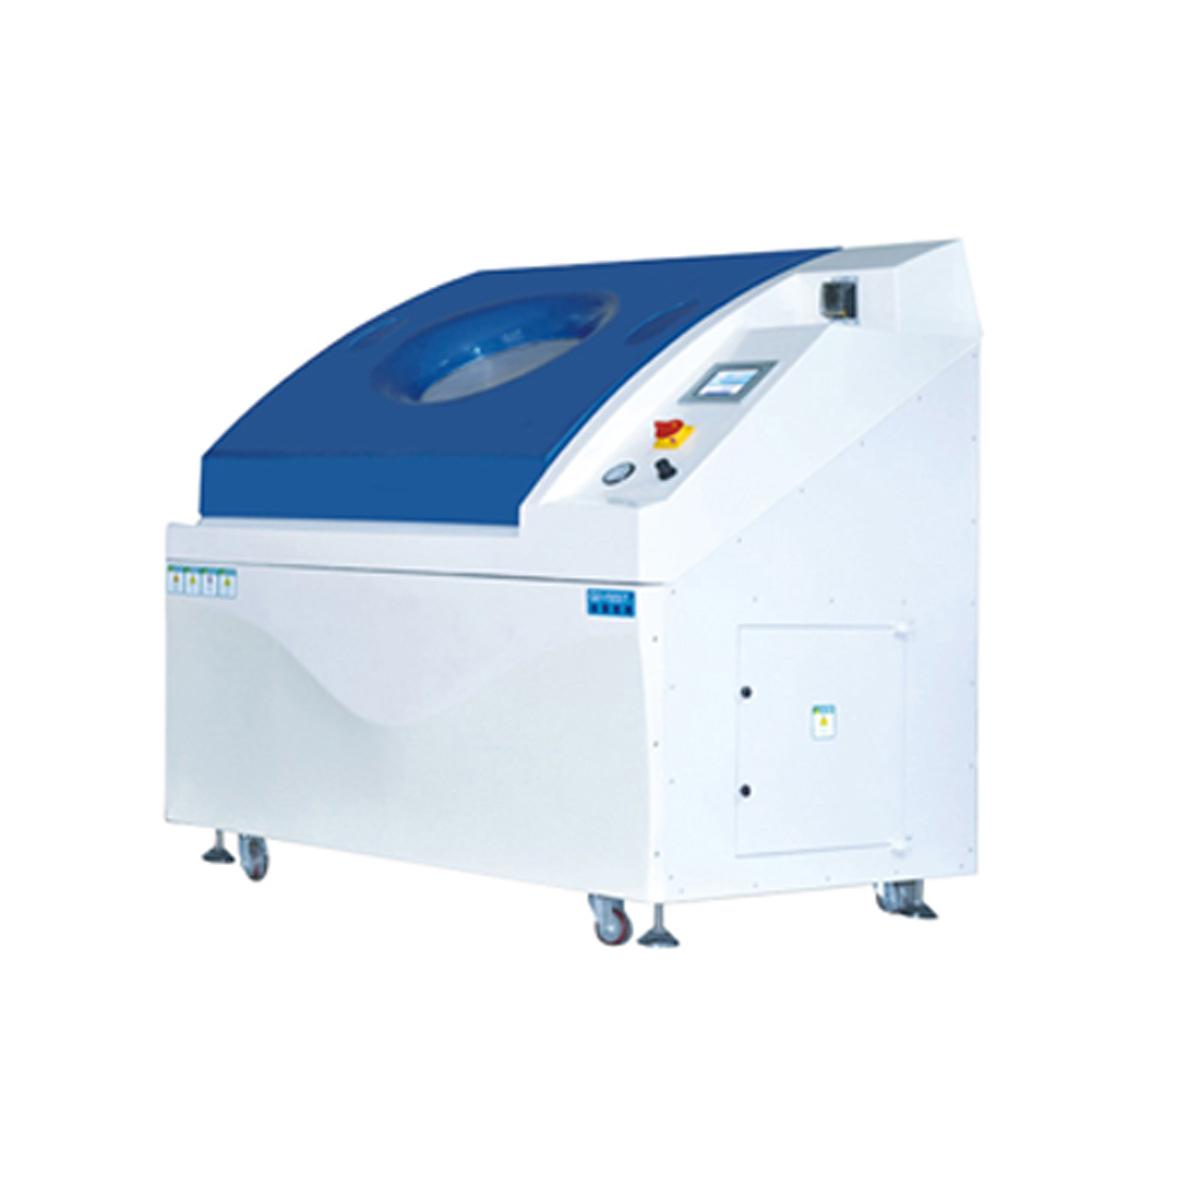 厂家直销复合盐雾试验箱  CCT复合盐雾试验箱价格   复合式盐雾试验箱定制